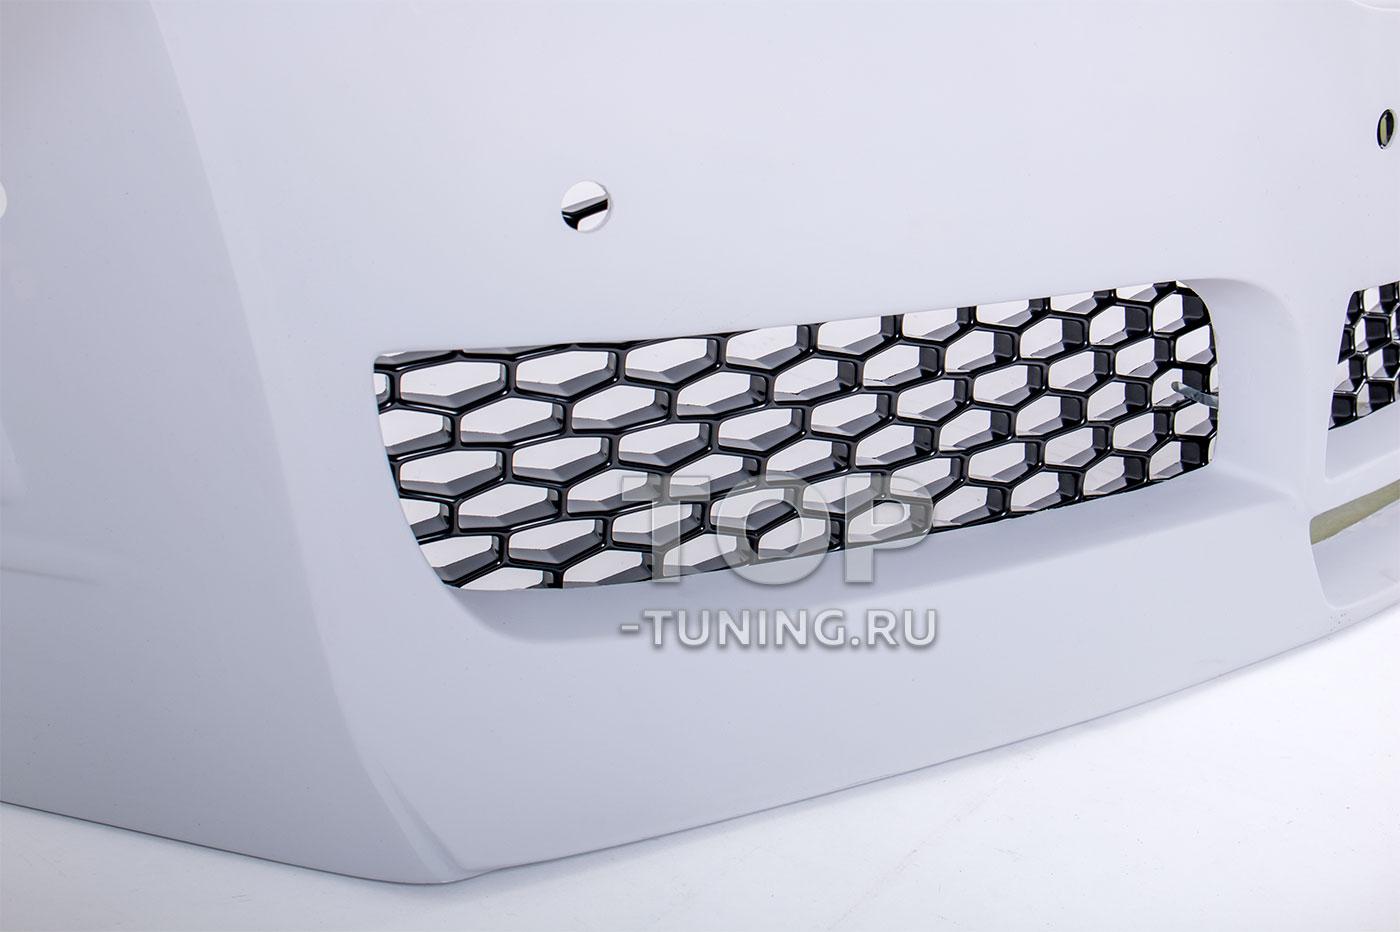 10493 Пластиковая тюнинг сетка GT-Line 120 x 55 см